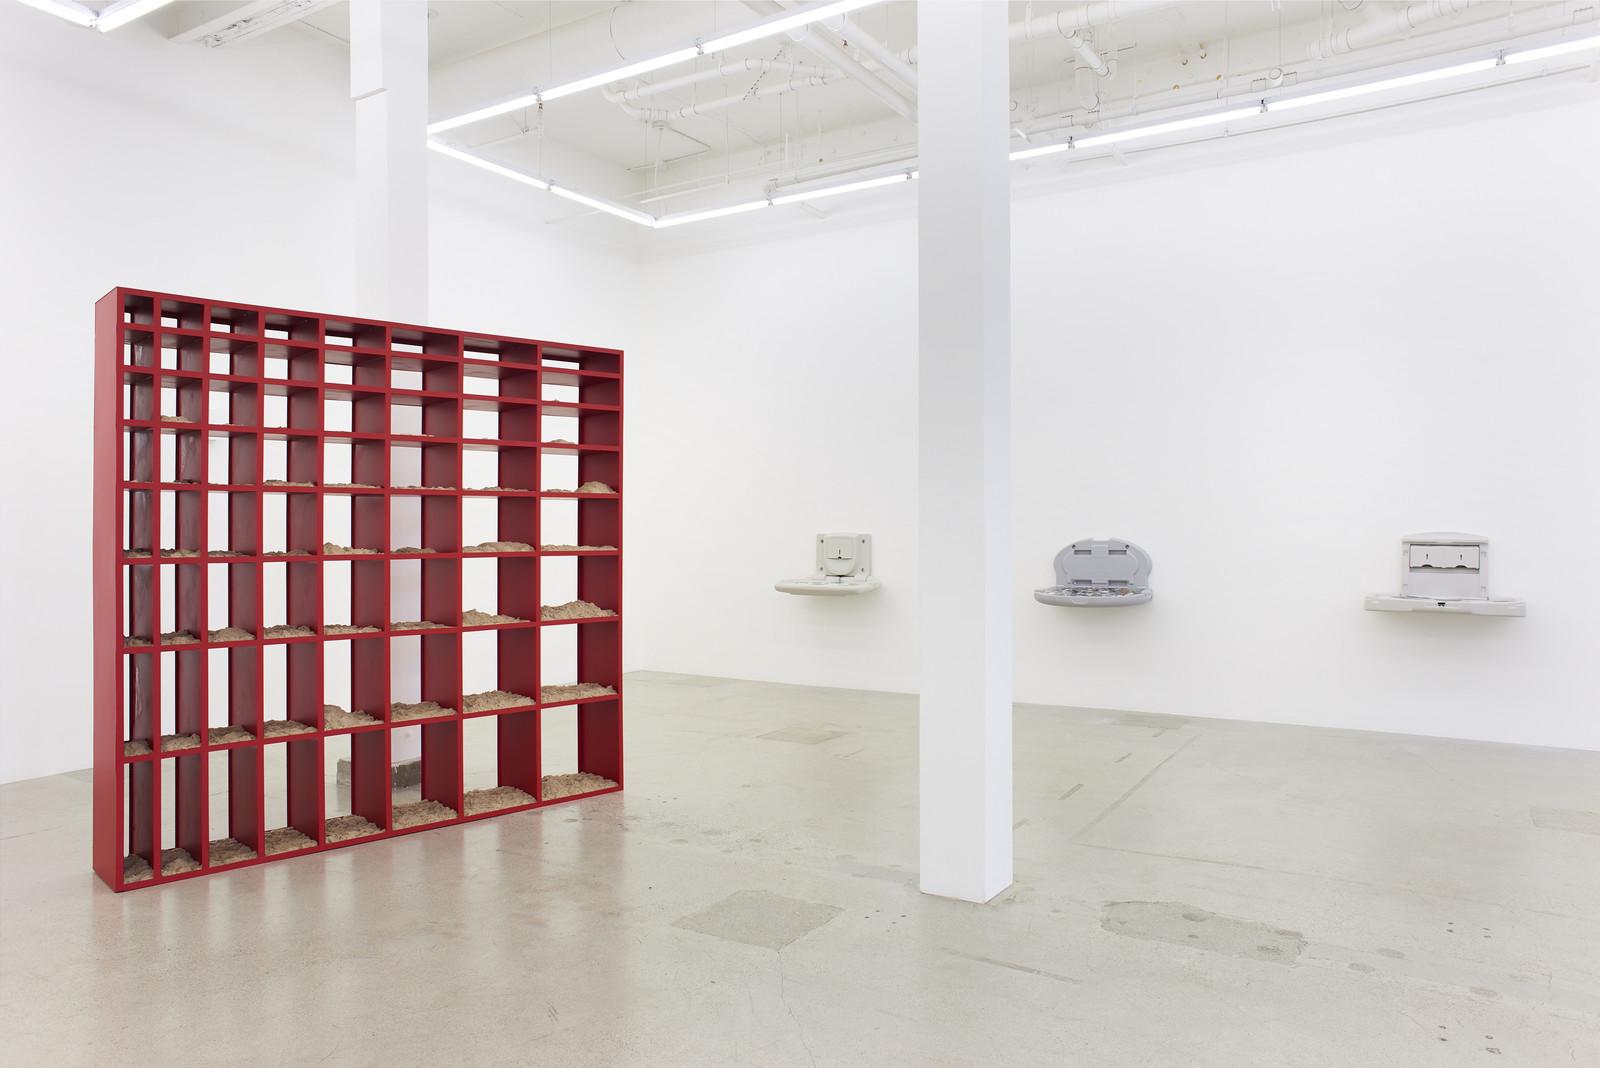 Wermers_Grundstück, 2017_Jessica Silverman Gallery_installation view_015